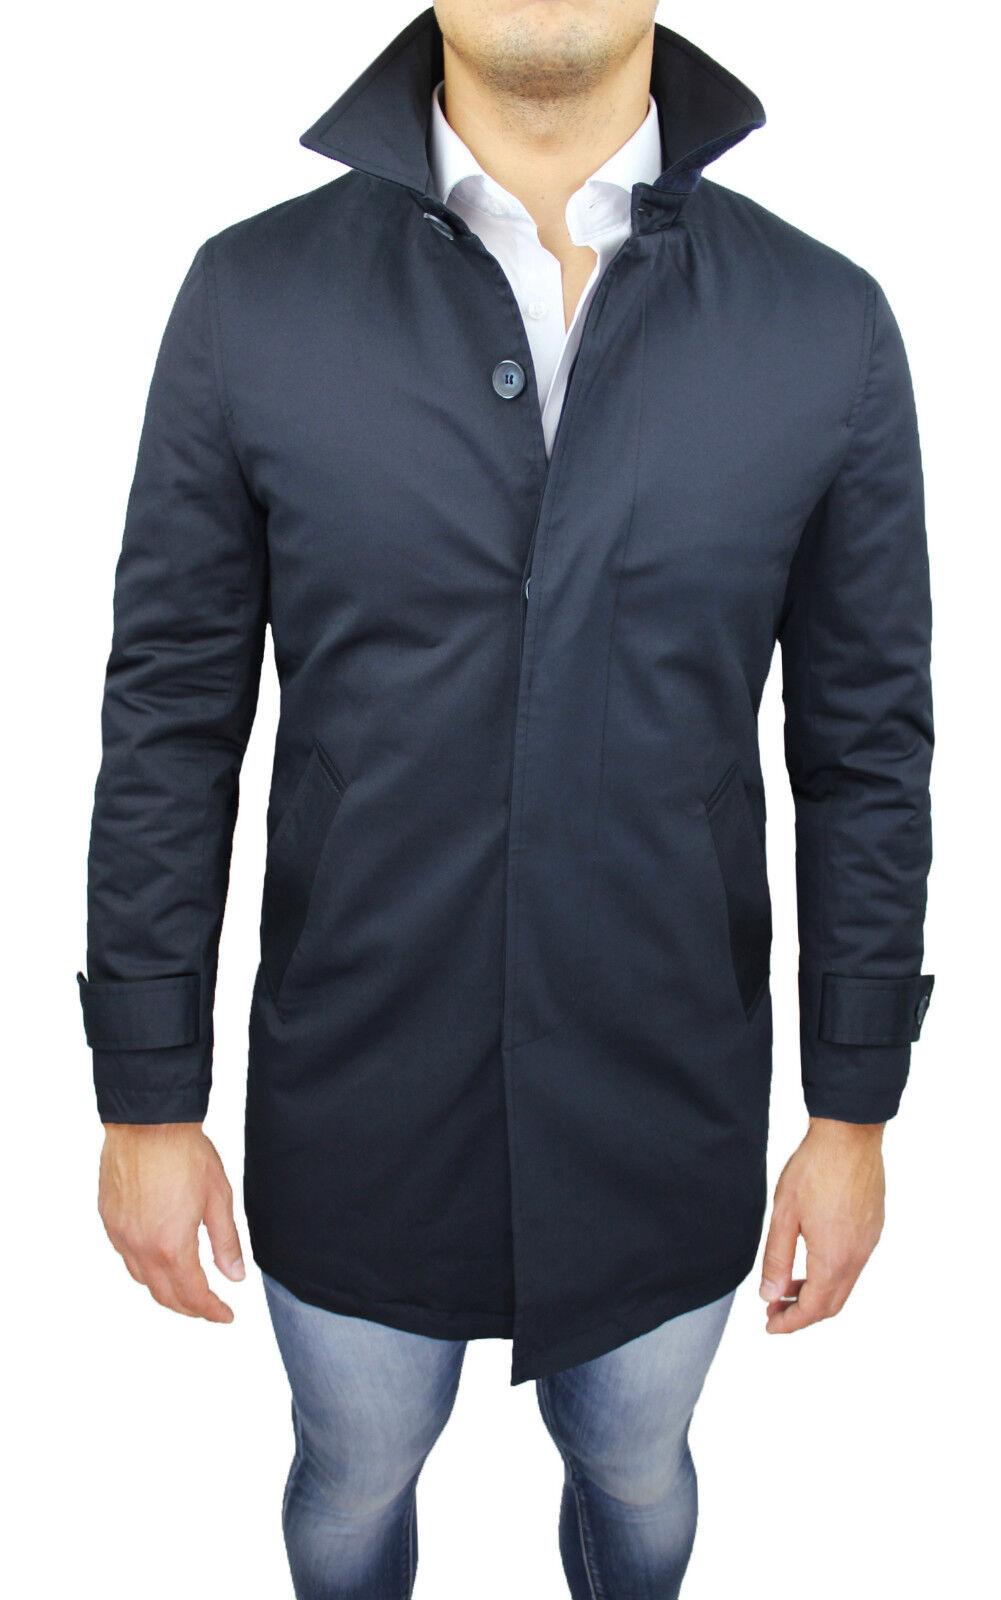 9b00f74b50b3e Abbigliamento e accessori GIACCONE PARKA UOMO DIAMOND CASUAL BLU GIUBBOTTO  SLIM FIT INVERNALE IMPERMEABILE Cappotti e giacche